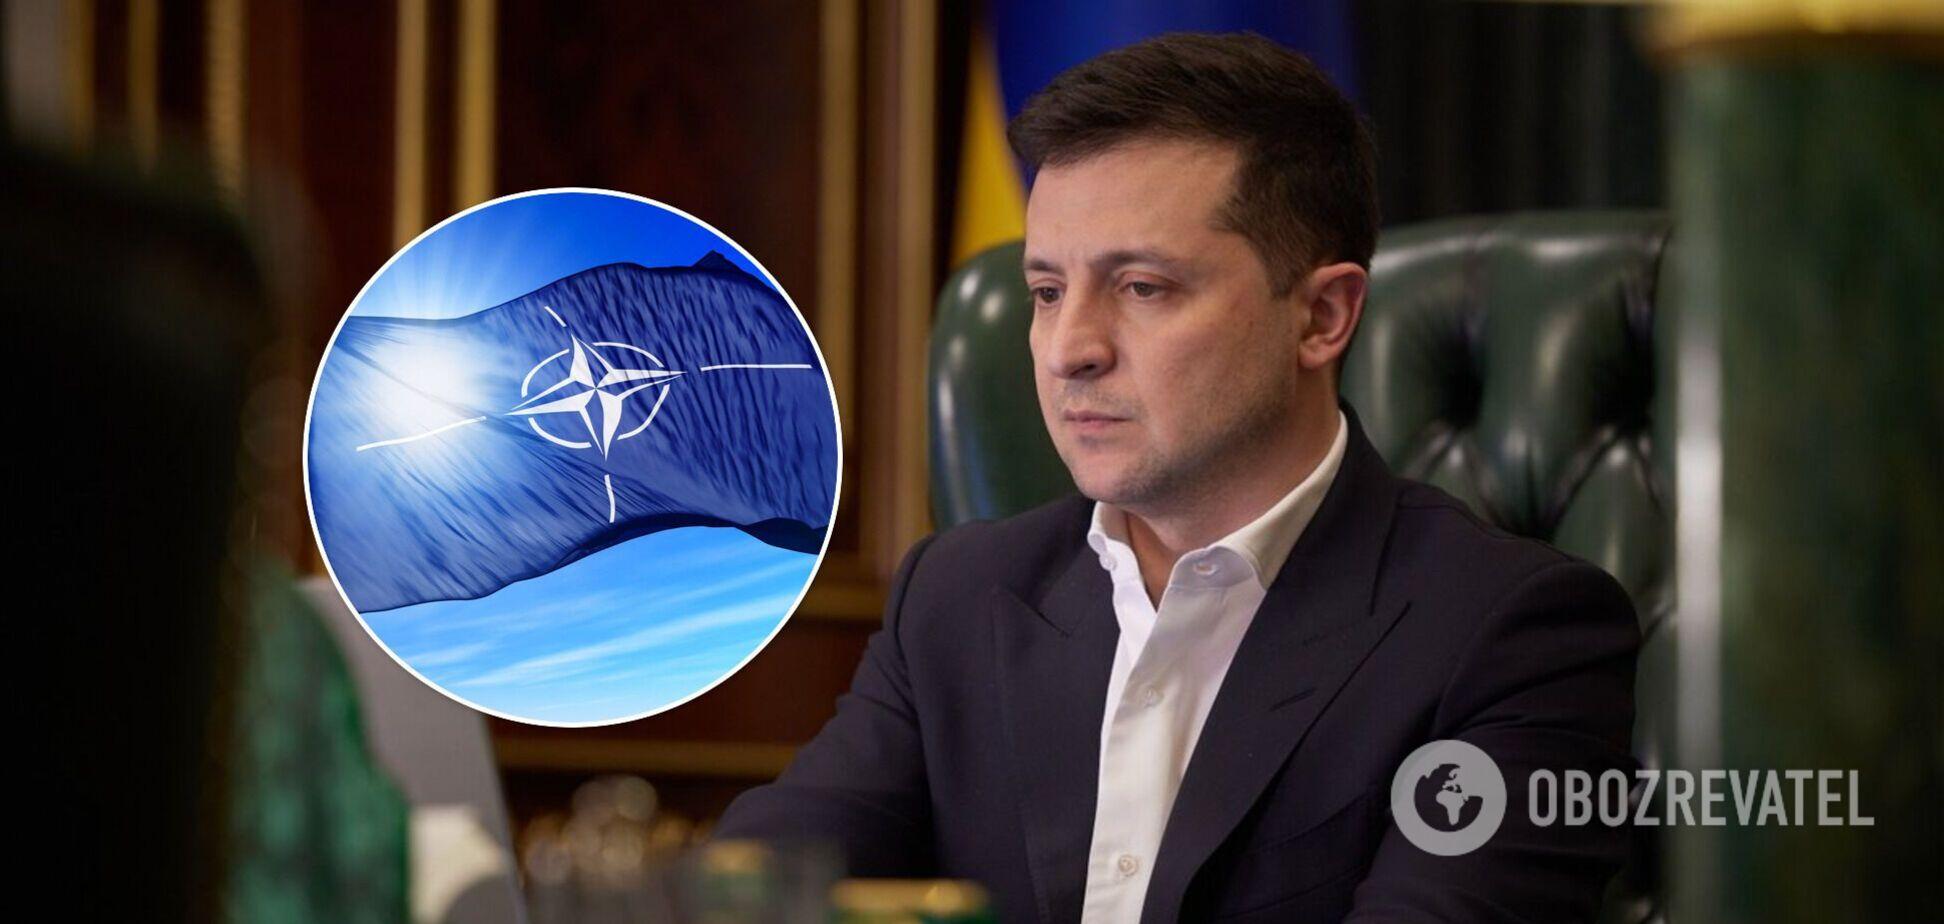 Зеленский – об Украине в НАТО: в июне мы узнаем, какие страны нас поддерживают